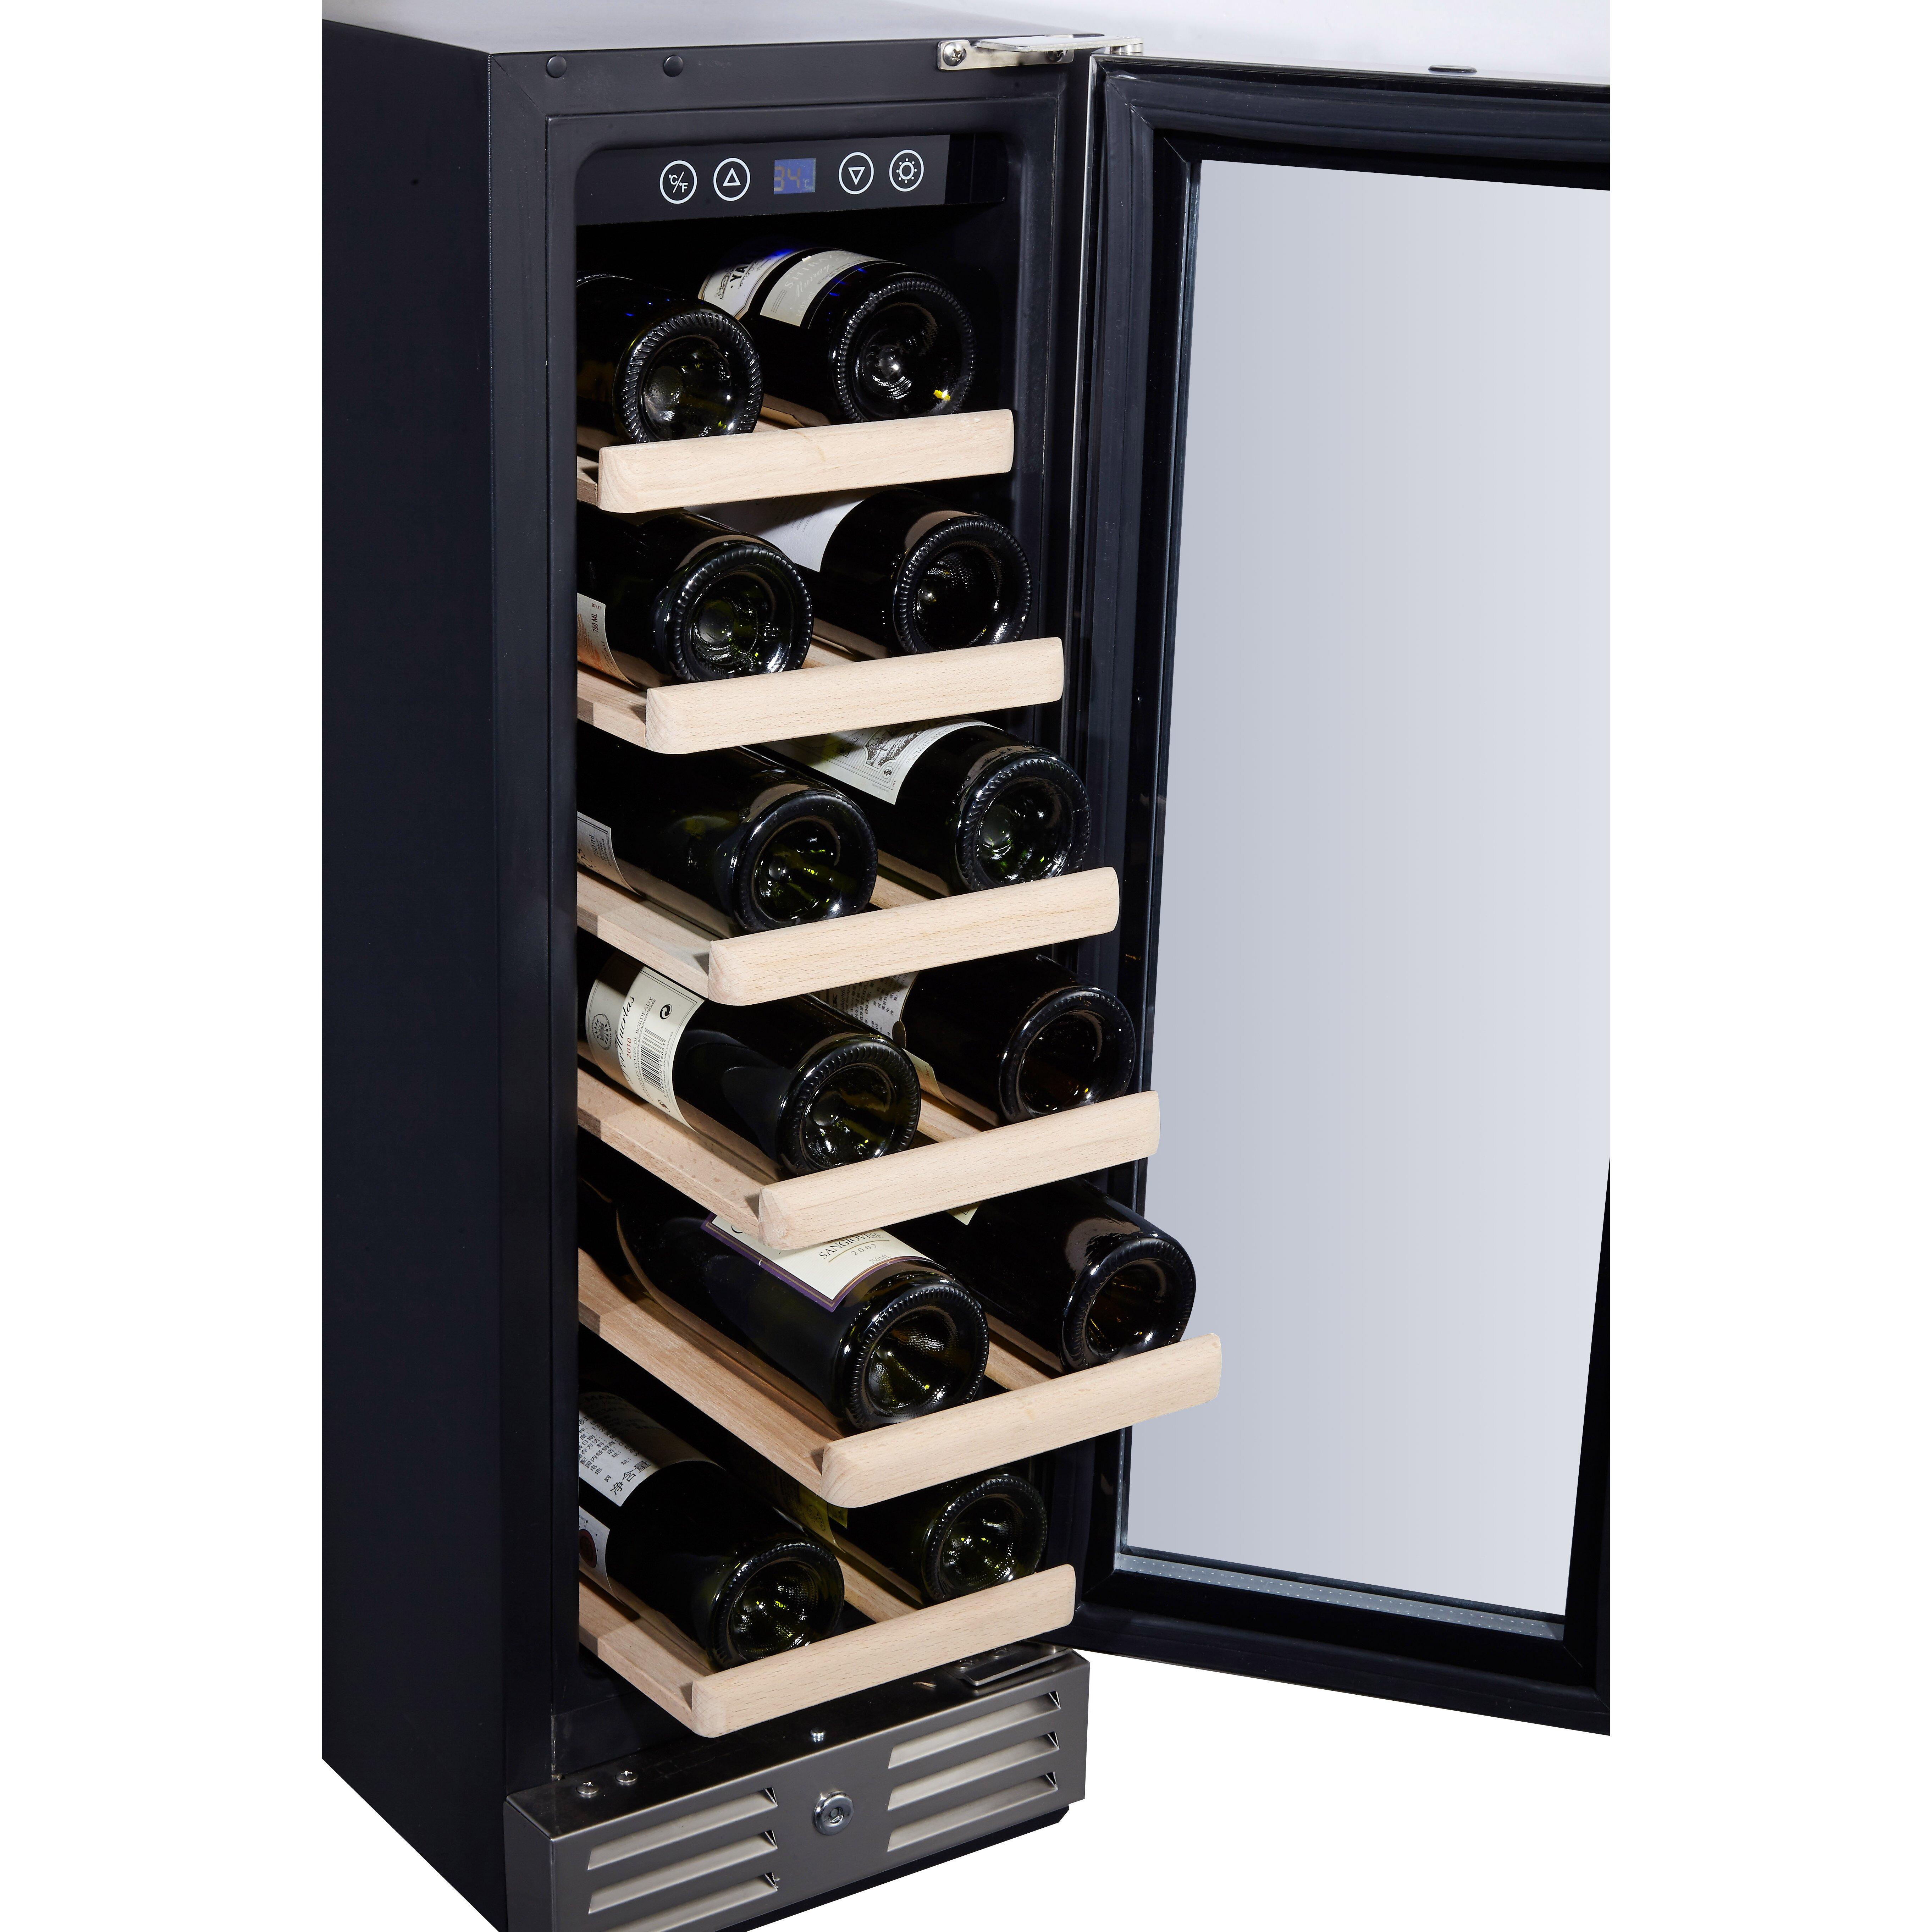 kalamera 18 bottle single zone built in wine cooler reviews. Black Bedroom Furniture Sets. Home Design Ideas